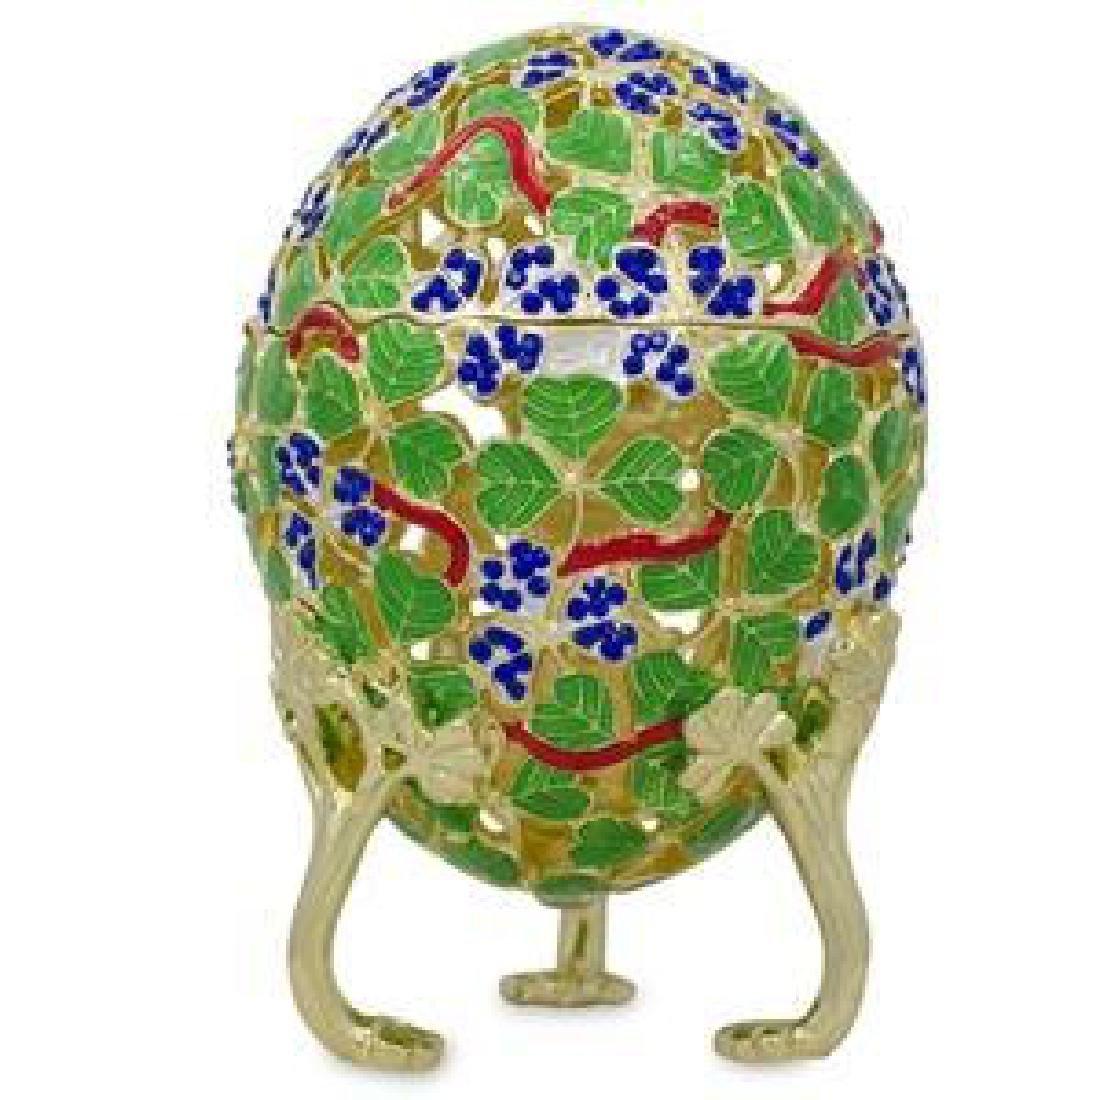 1902 Clover Leaf Faberge Egg